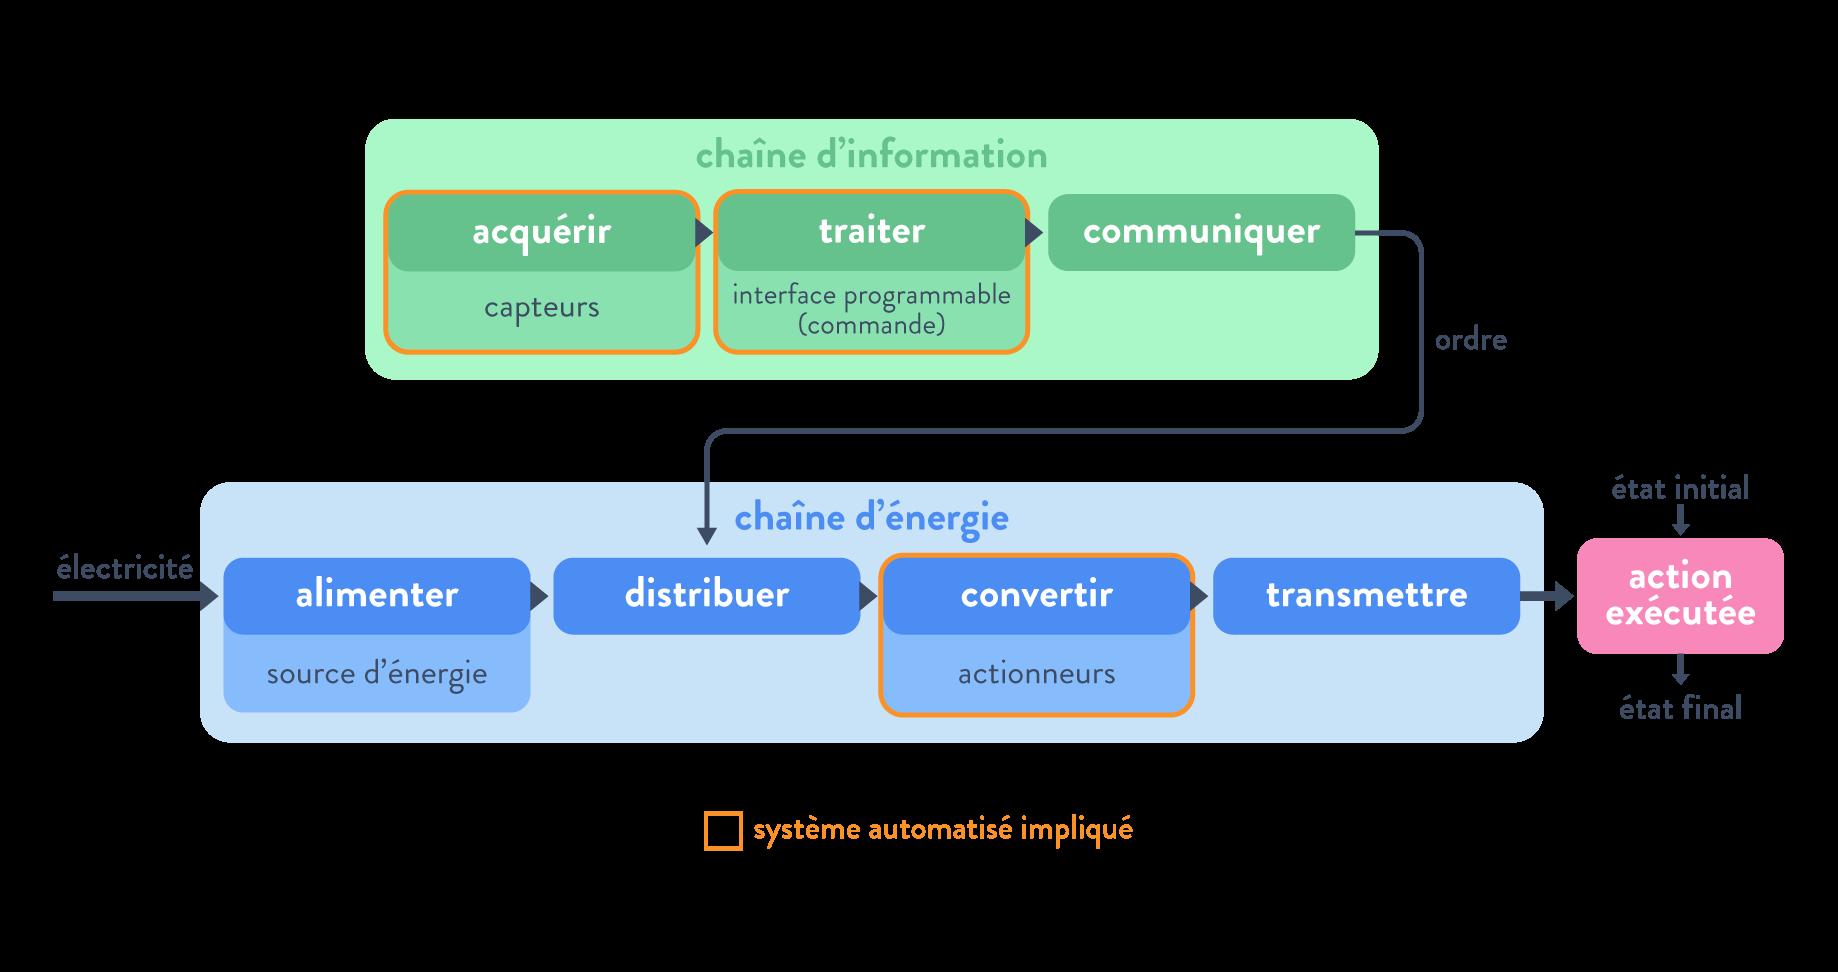 Rôle des capteurs, actionneurs et commande dans les chaînes d'information et d'énergie systèmes automatisés acquérir traiter convertir sciences numériques et technologie seconde